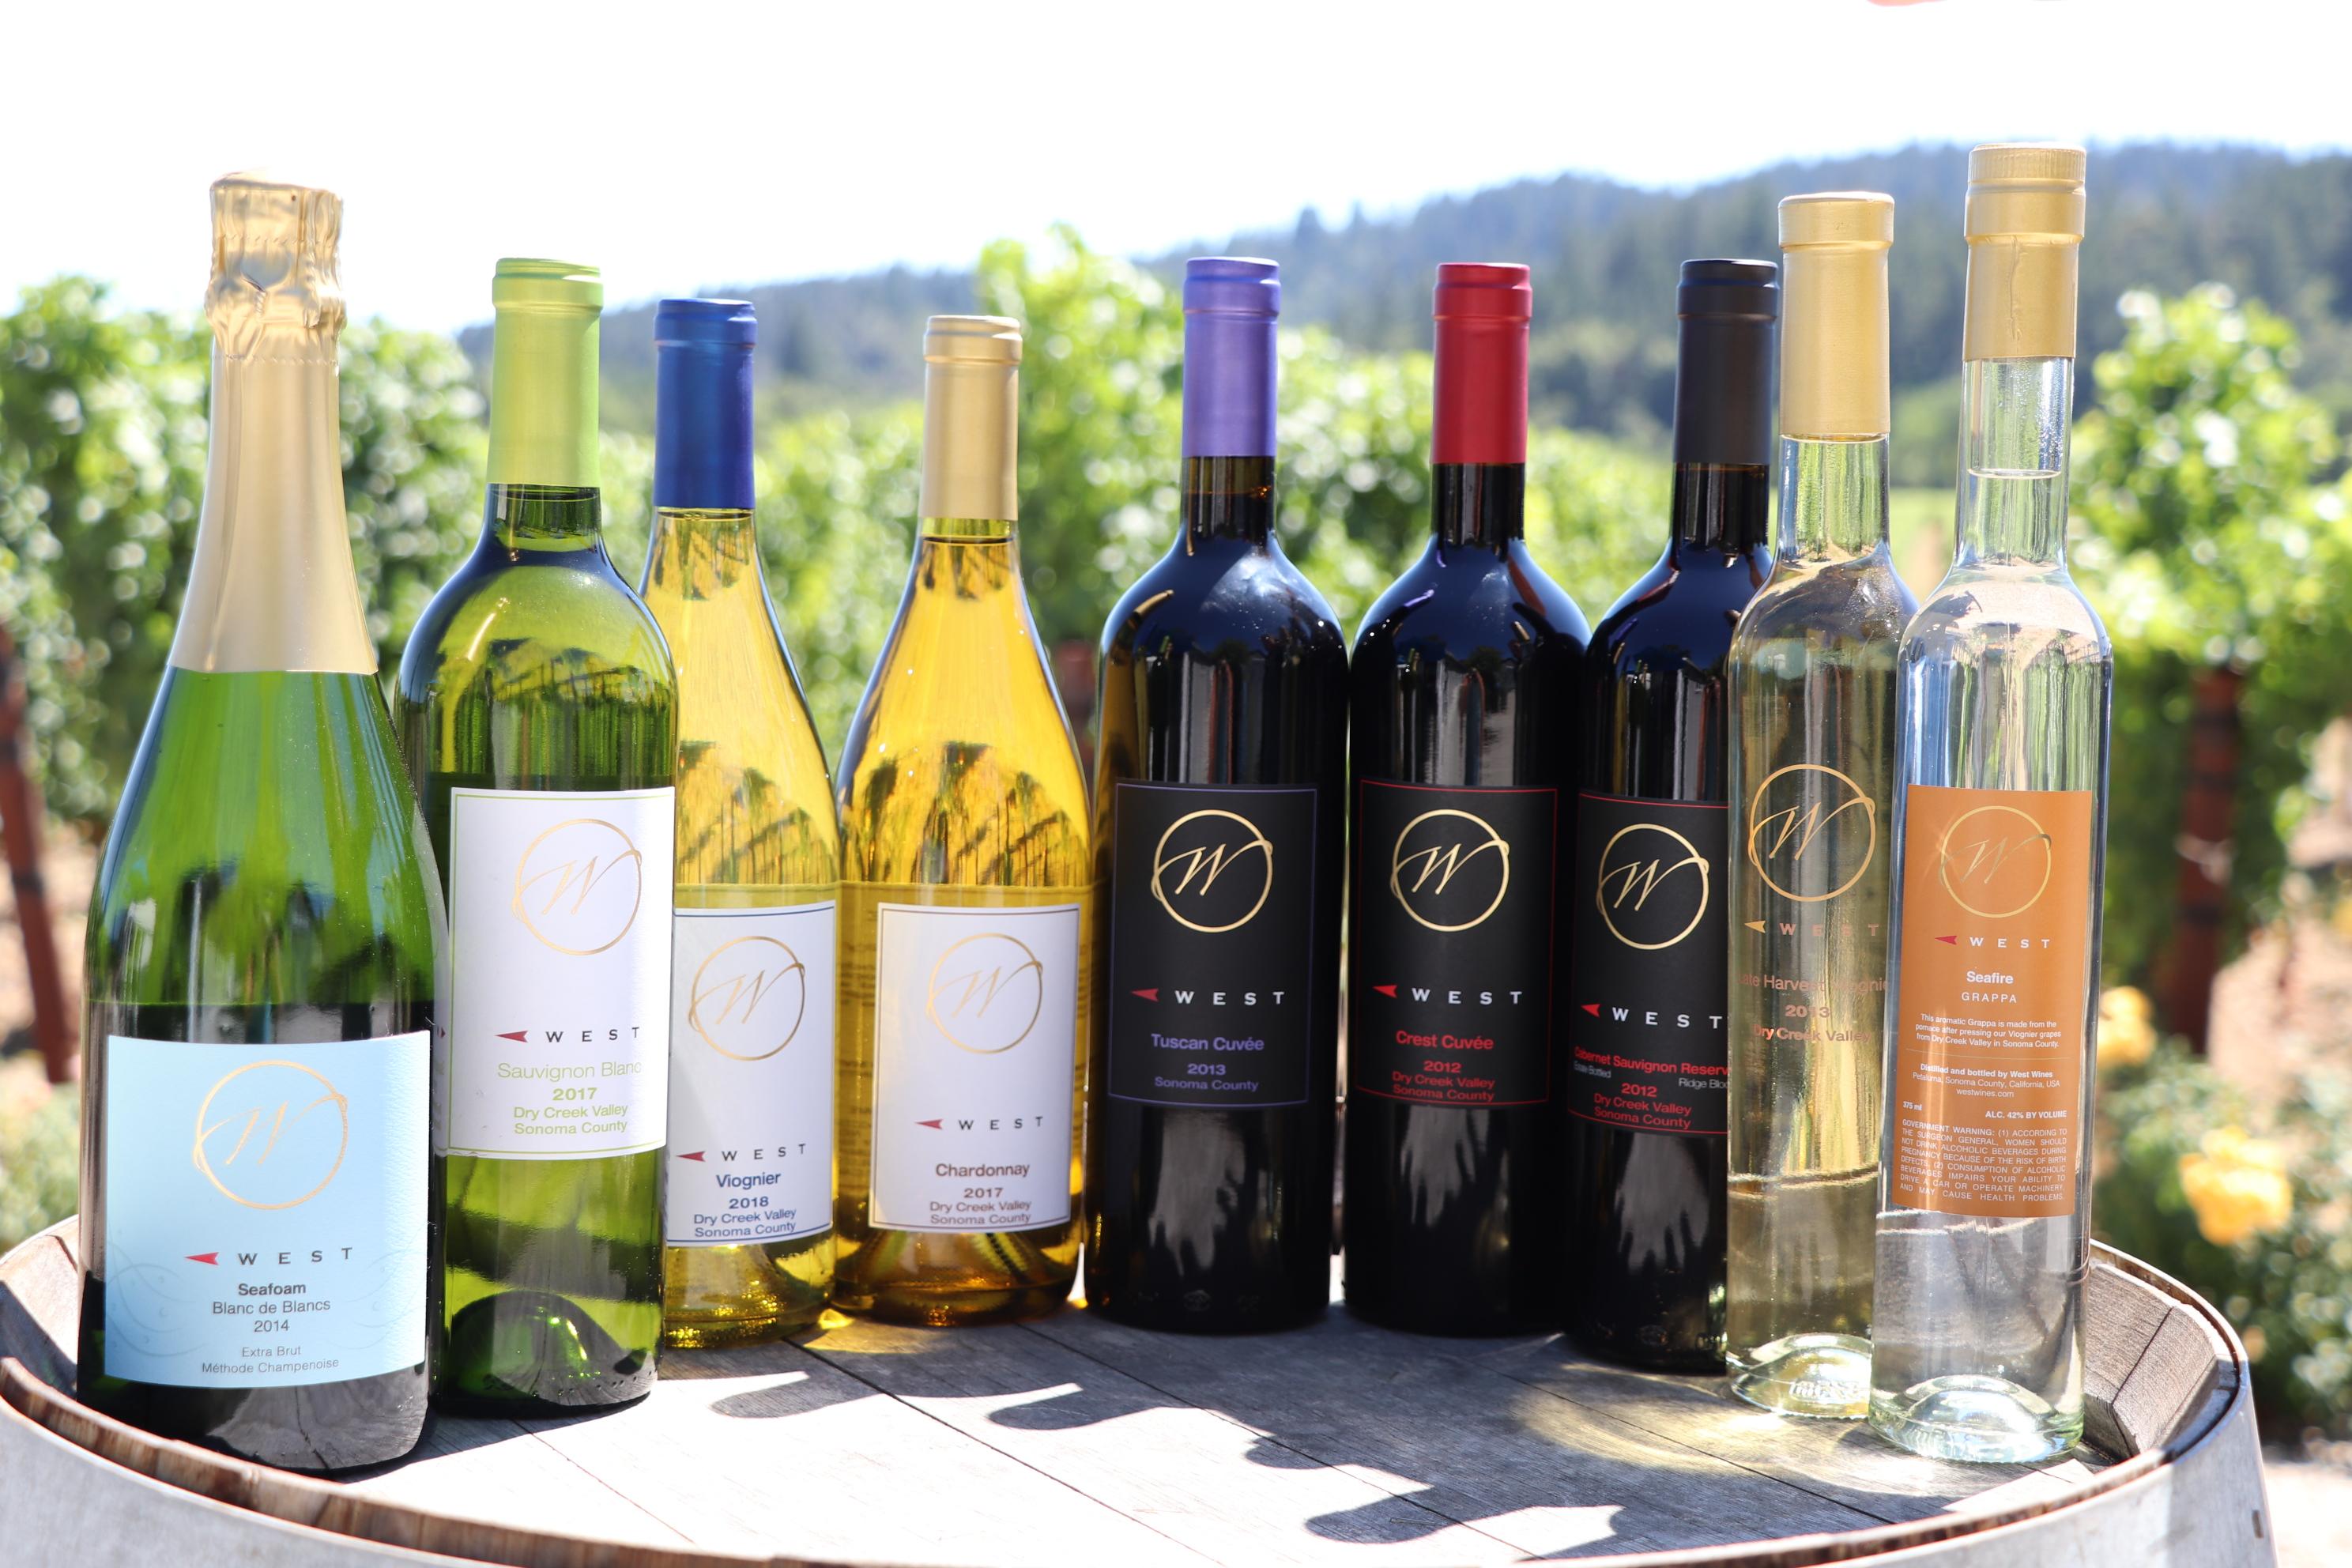 West Wines